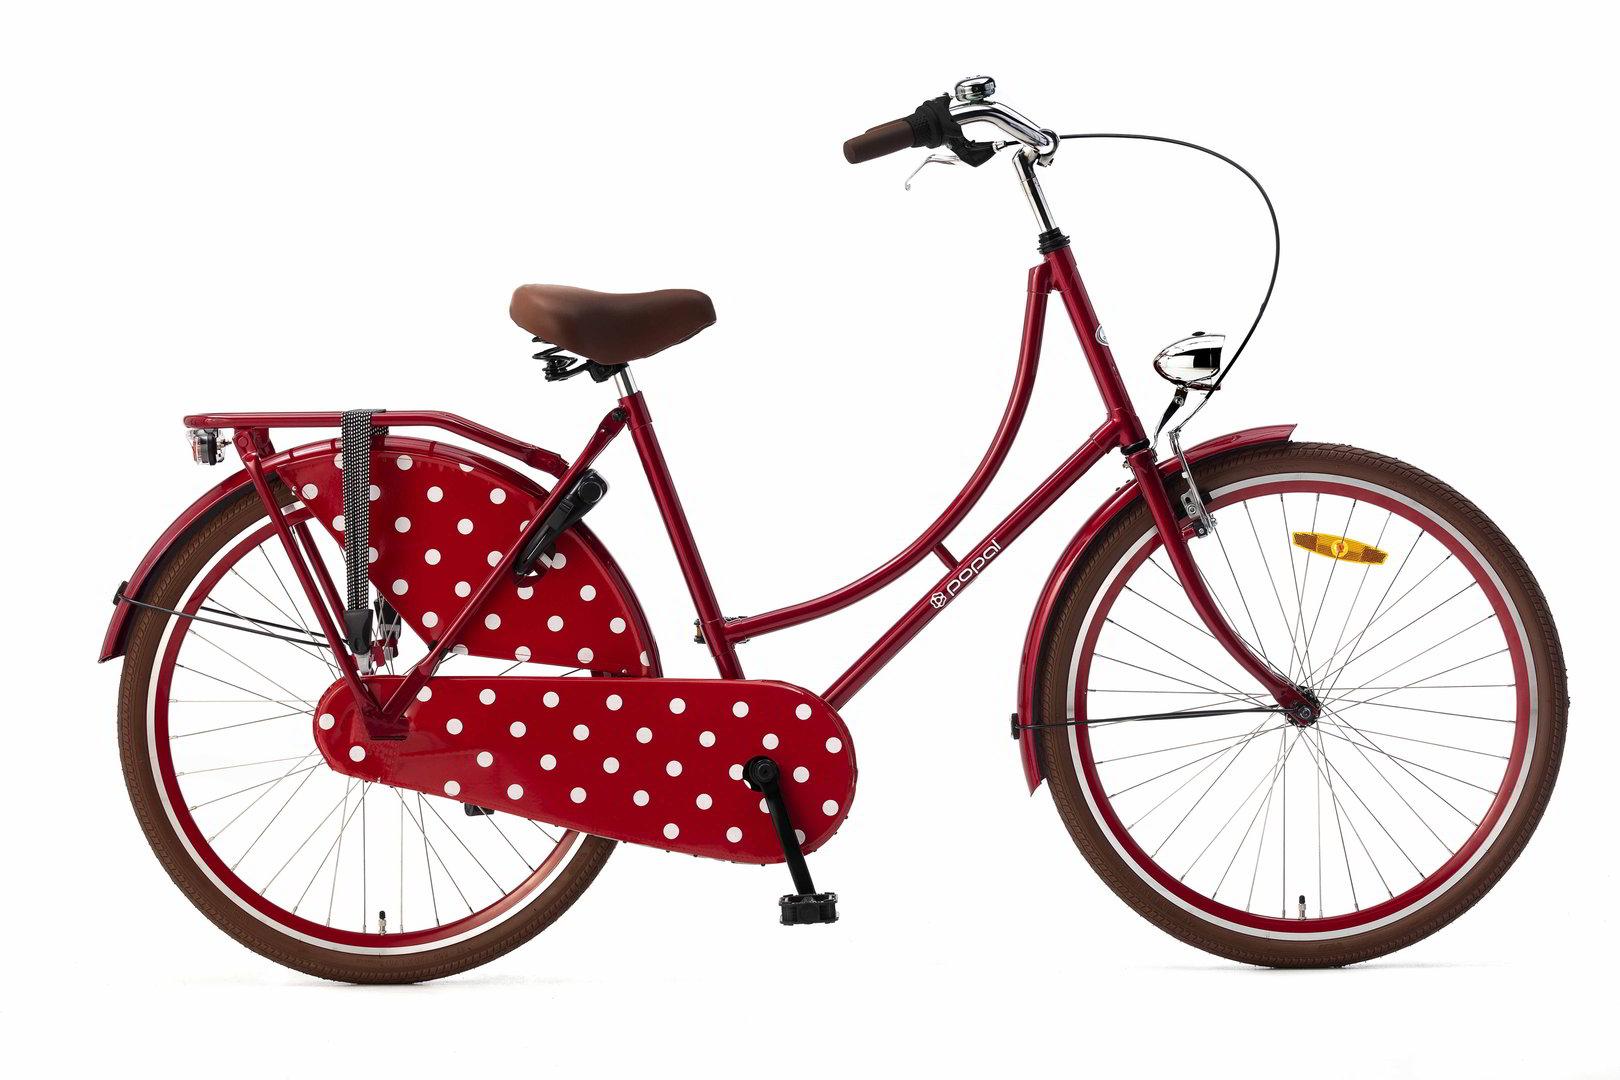 26 zoll hollandrad rot fahrrad ass. Black Bedroom Furniture Sets. Home Design Ideas